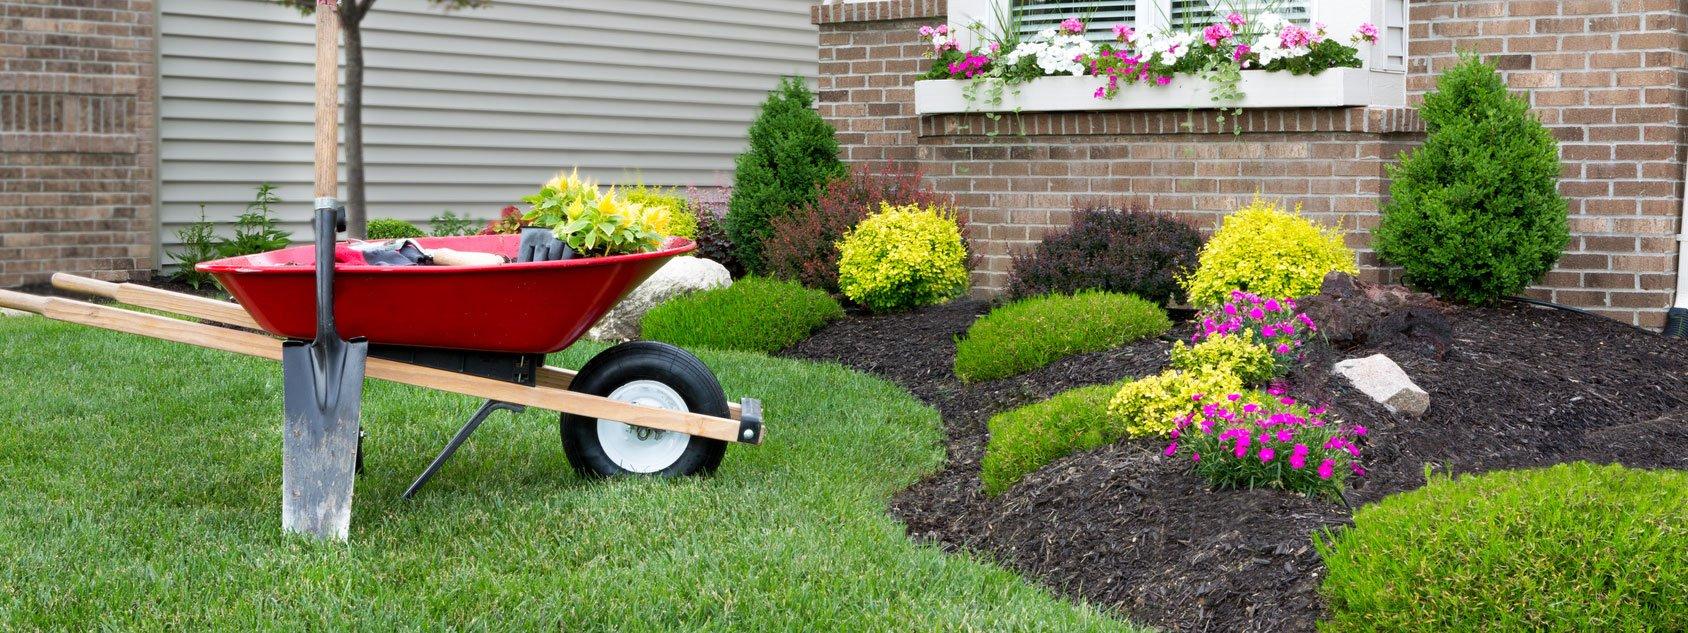 Lavori in giardino al momento giusto cose di casa for Piante sempreverdi da aiuola